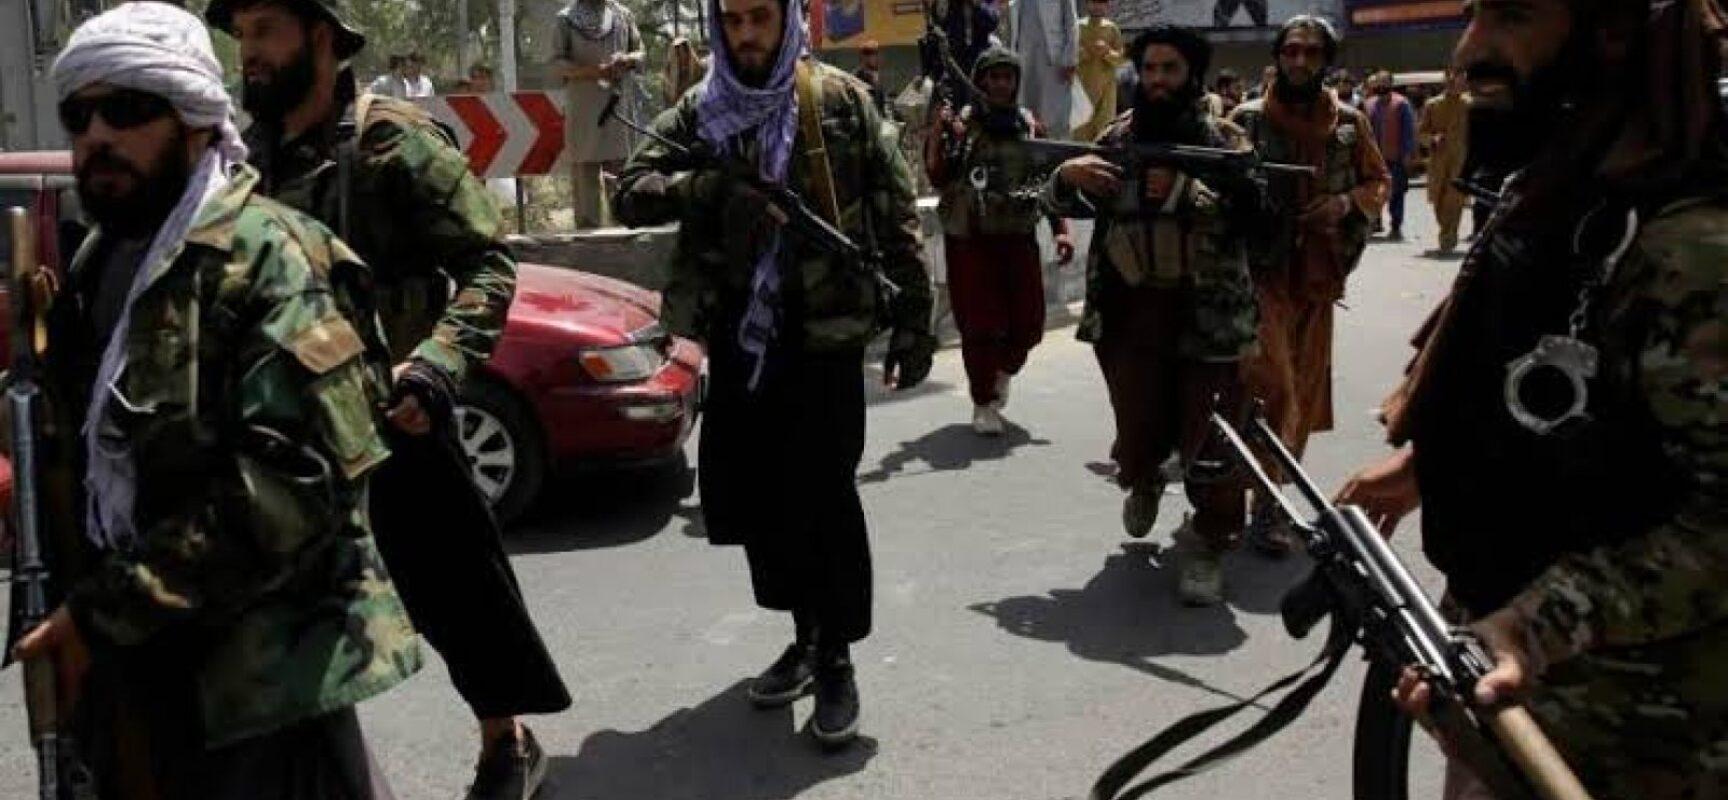 EUA contra-atacam e dizem ter matado membro do Estado Islâmico no Afeganistão